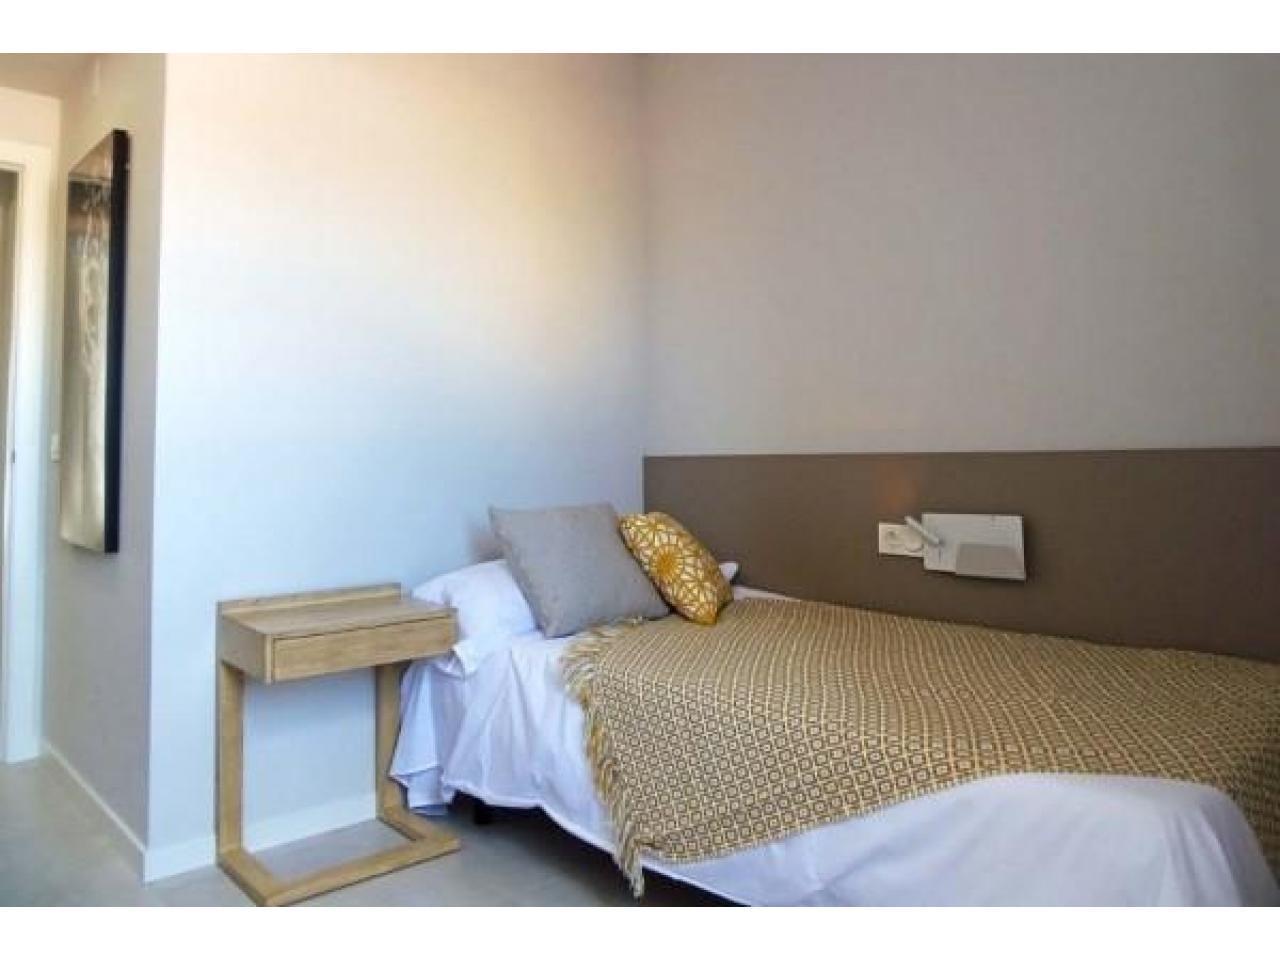 Недвижимость в Испании, Новые бунгало рядом с пляжем от застройщика в Миль Пальмерас - 7